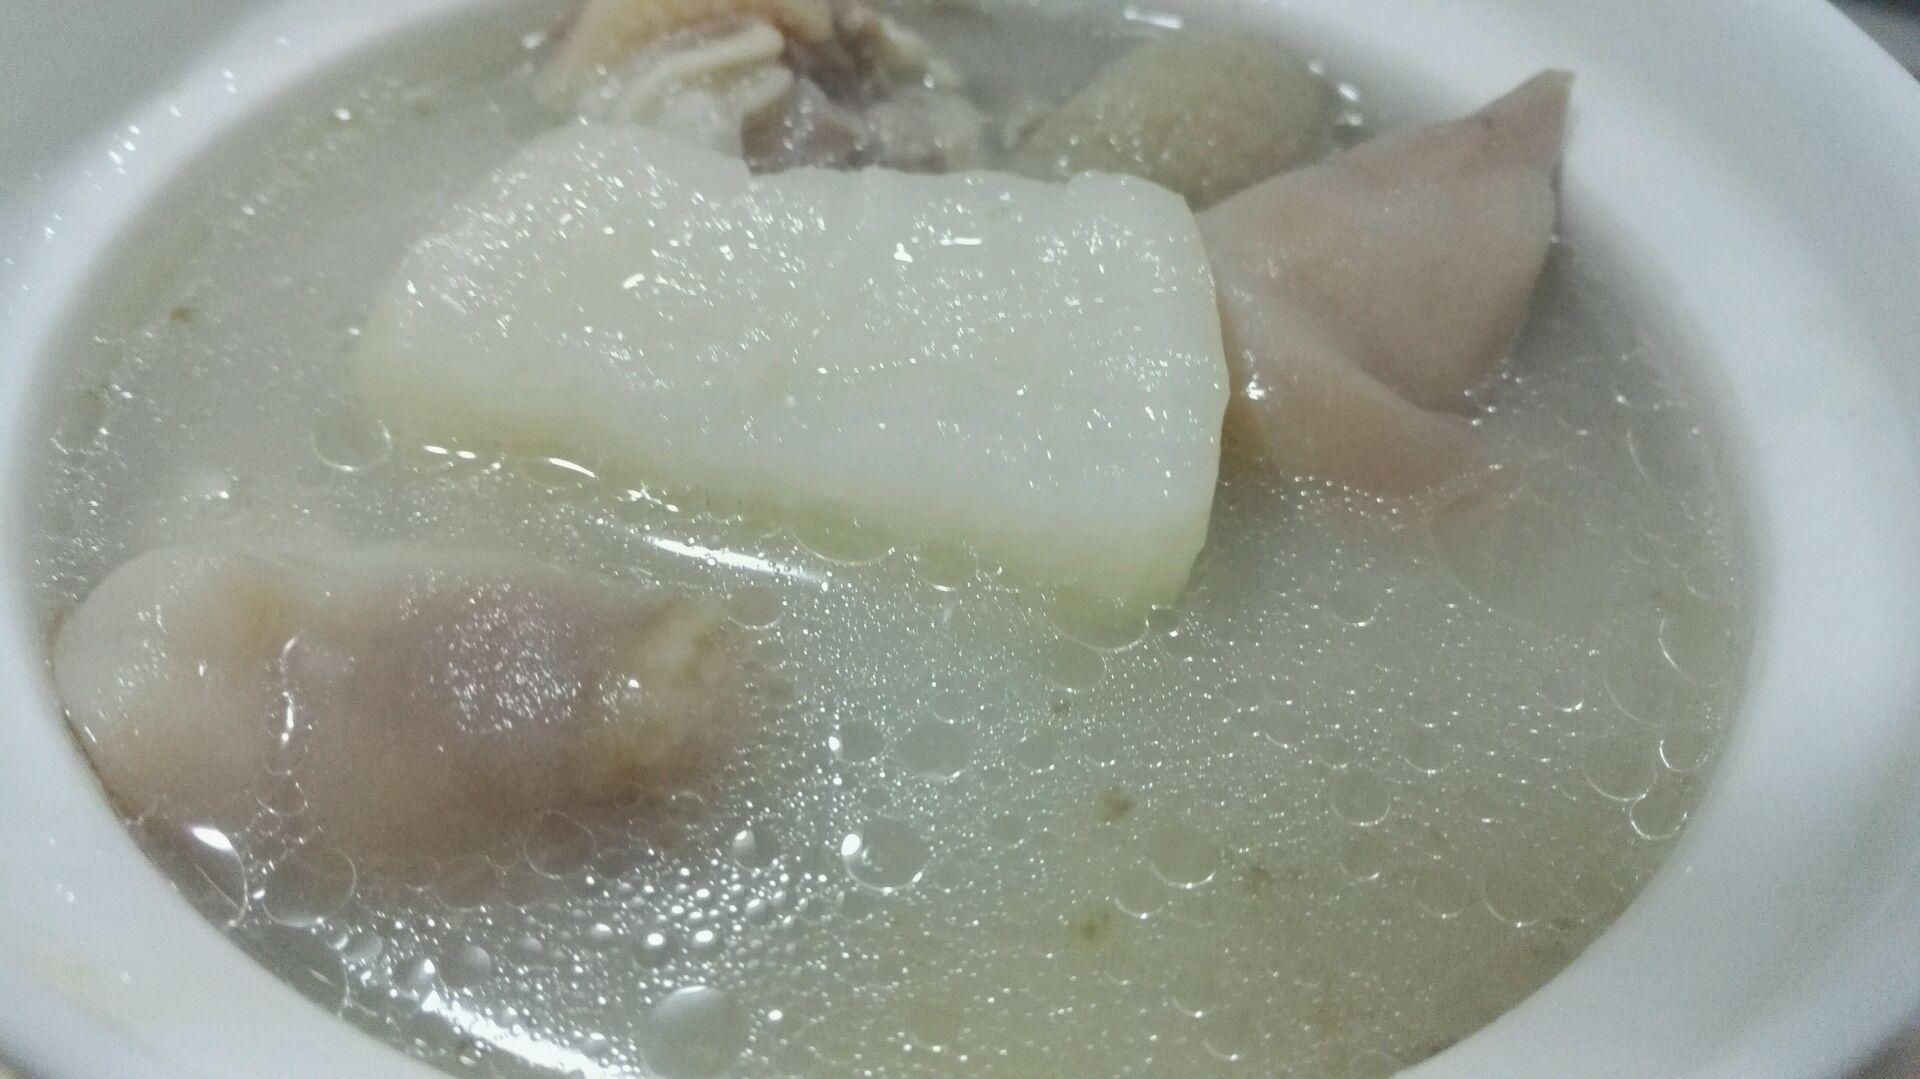 电饭锅炖萝卜竹荪猪脚汤的做法图解5